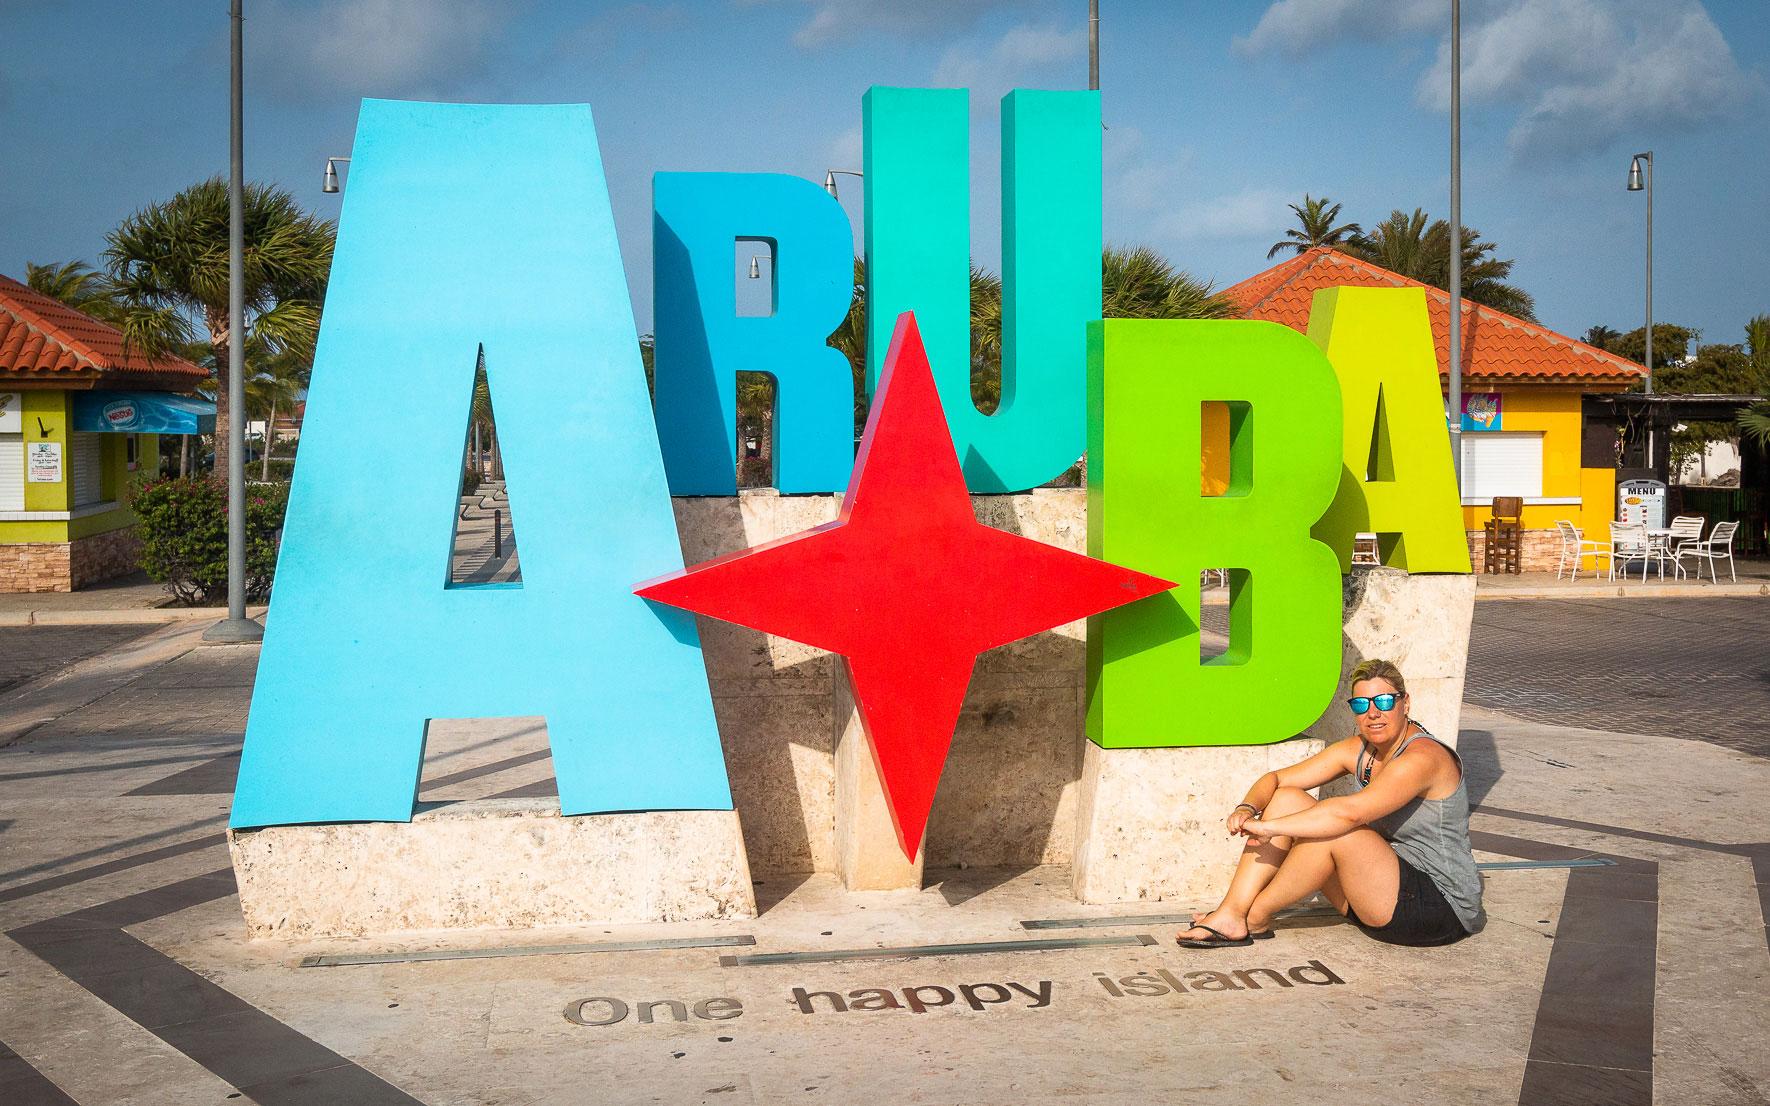 Plaza Turismo in Aruba